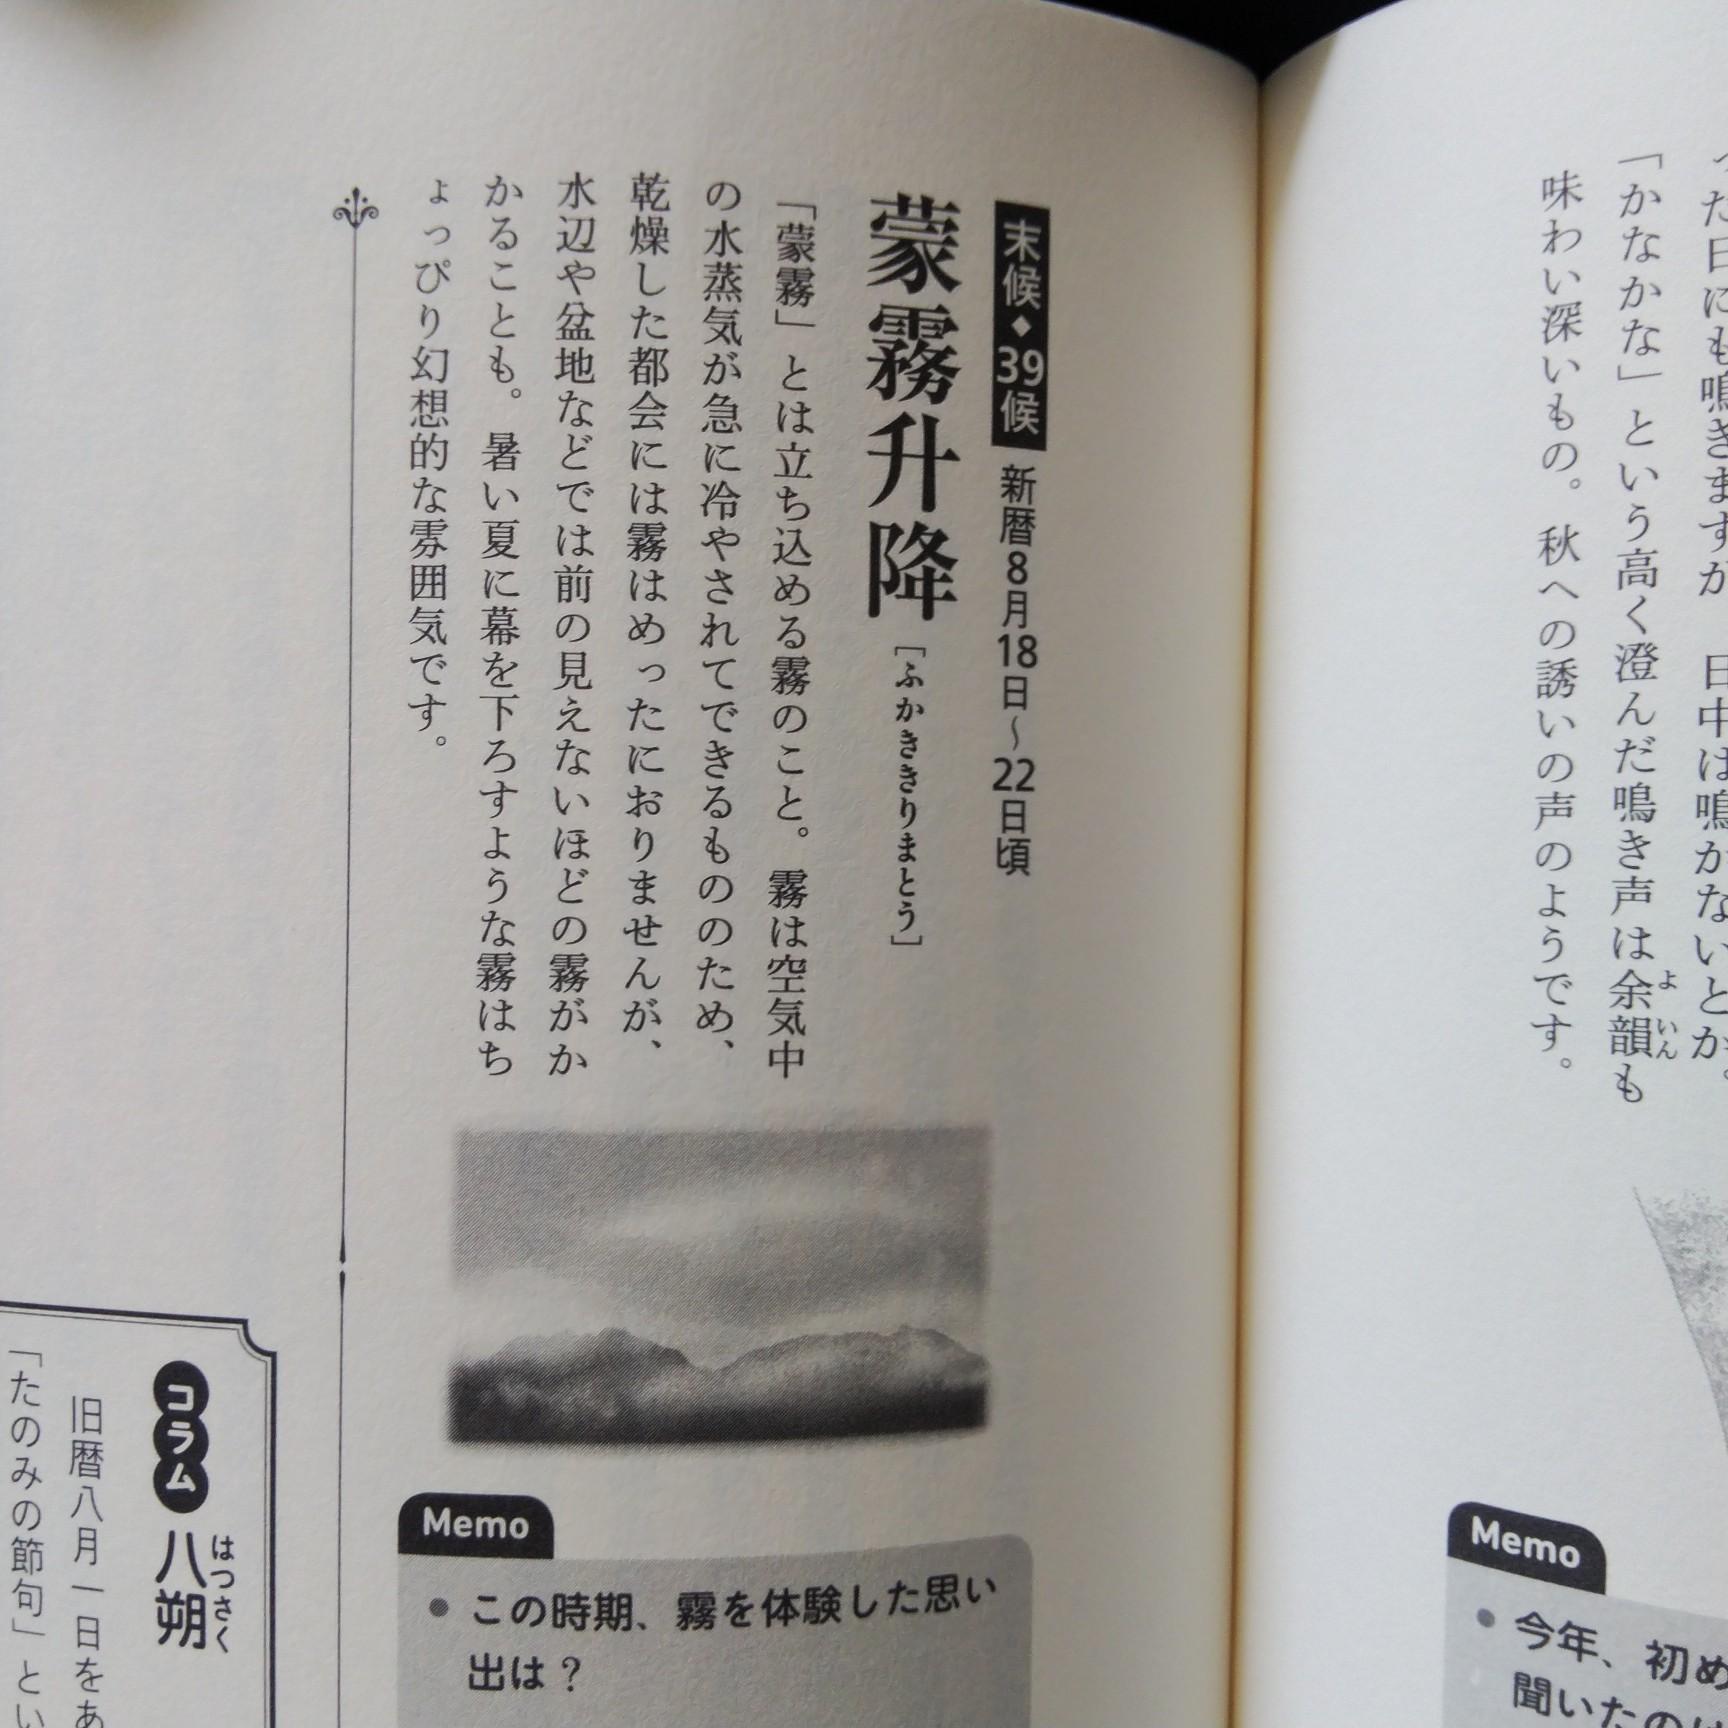 200818 七十二候 蒙霧升降 (ふかききりまとう)_f0164842_22320387.jpg